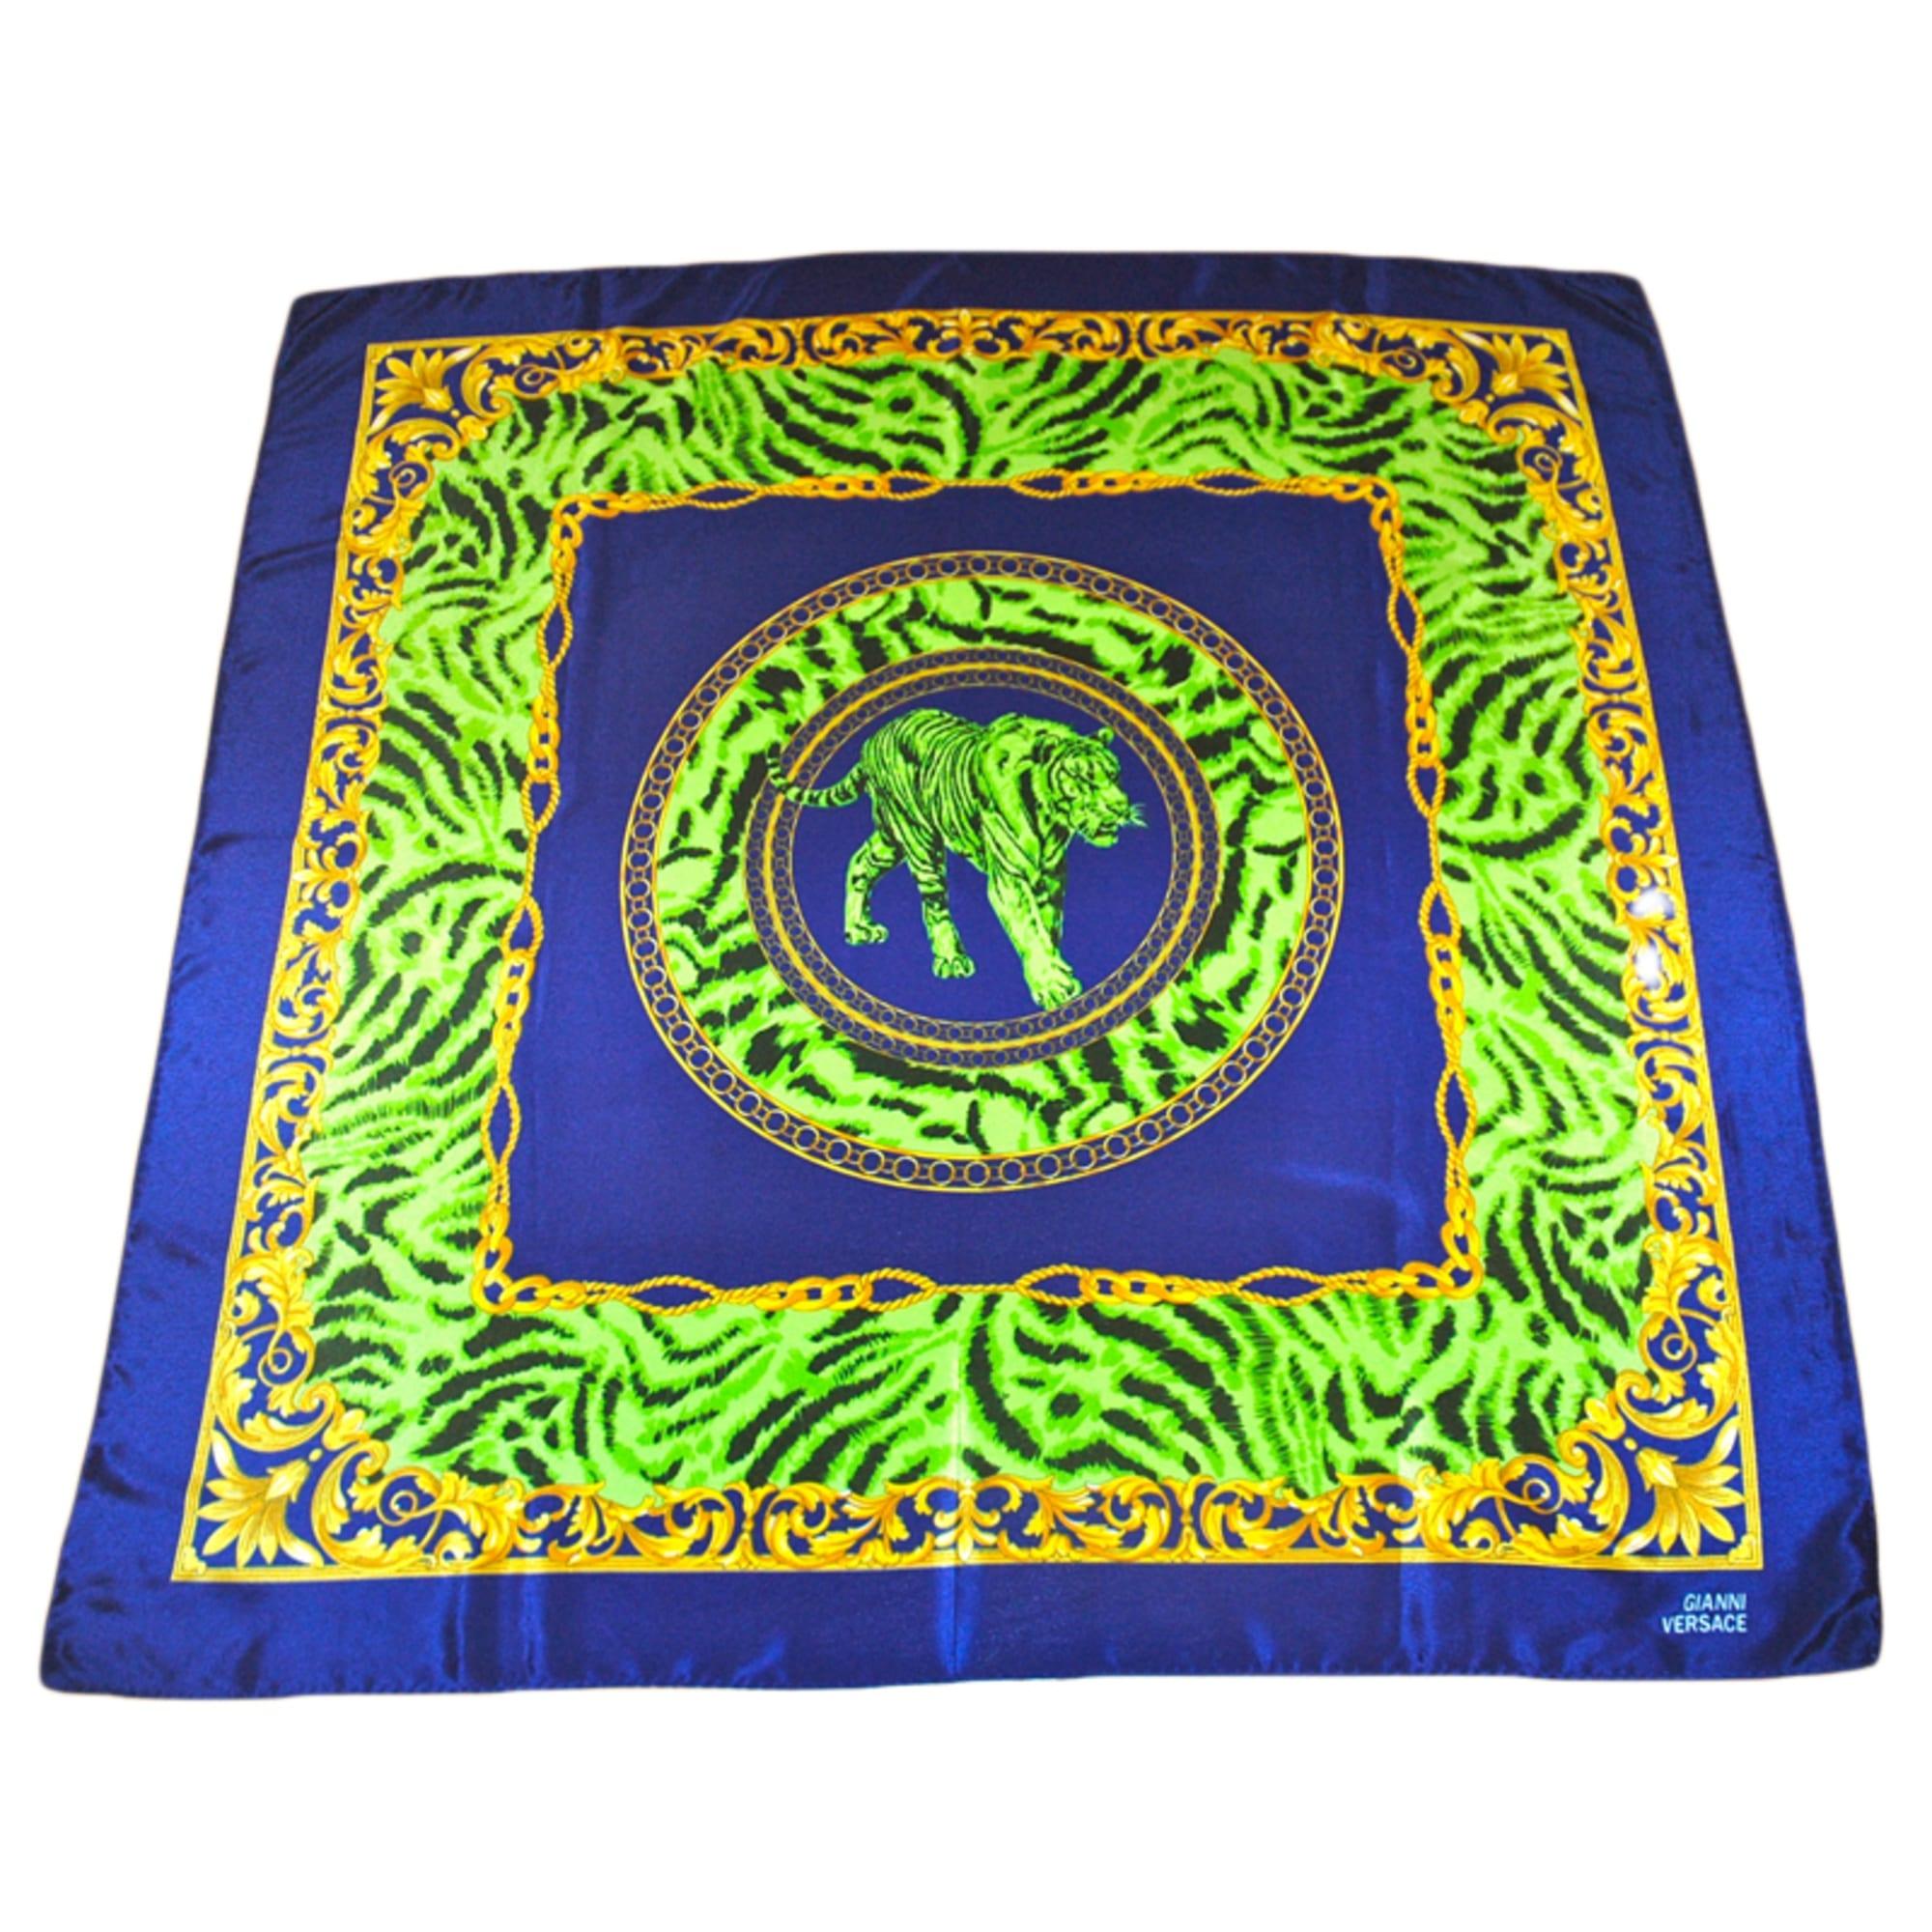 1ccd6085b05d Foulard VERSACE bleu et vert électriques vendu par Didith - 3213775